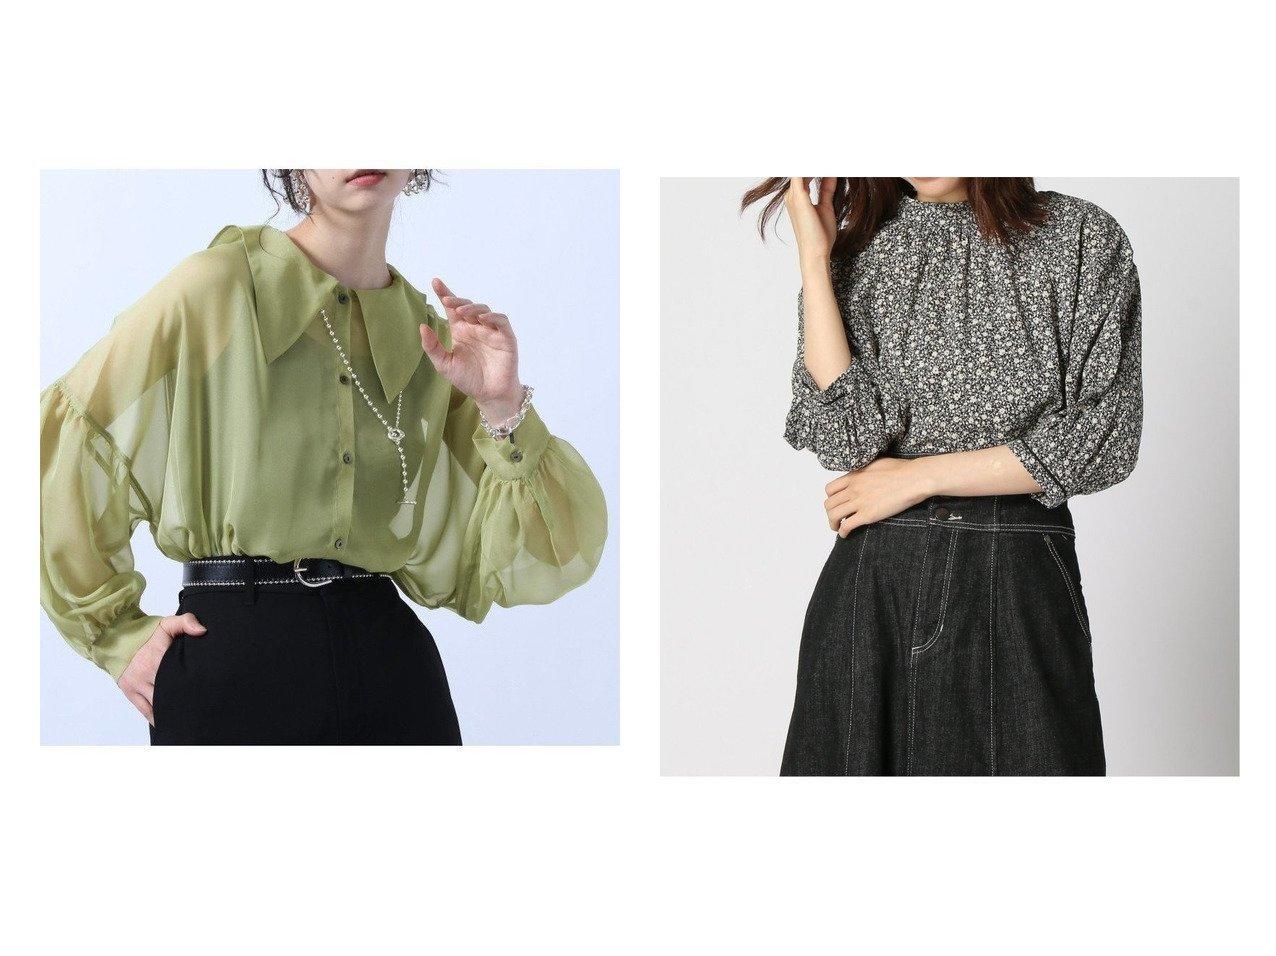 【HARE/ハレ】のビッグカラーシアーシャツ&【GLOBAL WORK/グローバルワーク】のフリルスタンドブラウス6S 【プチプライス・低価格】おすすめ!人気、トレンド・レディースファッションの通販 おすすめで人気の流行・トレンド、ファッションの通販商品 インテリア・家具・メンズファッション・キッズファッション・レディースファッション・服の通販 founy(ファニー) https://founy.com/ ファッション Fashion レディースファッション WOMEN トップス・カットソー Tops/Tshirt シャツ/ブラウス Shirts/Blouses S/S・春夏 SS・Spring/Summer おすすめ Recommend シフォン トレンド 今季 夏 Summer 春 Spring 羽織 長袖 サロペ デニム レース  ID:crp329100000055334